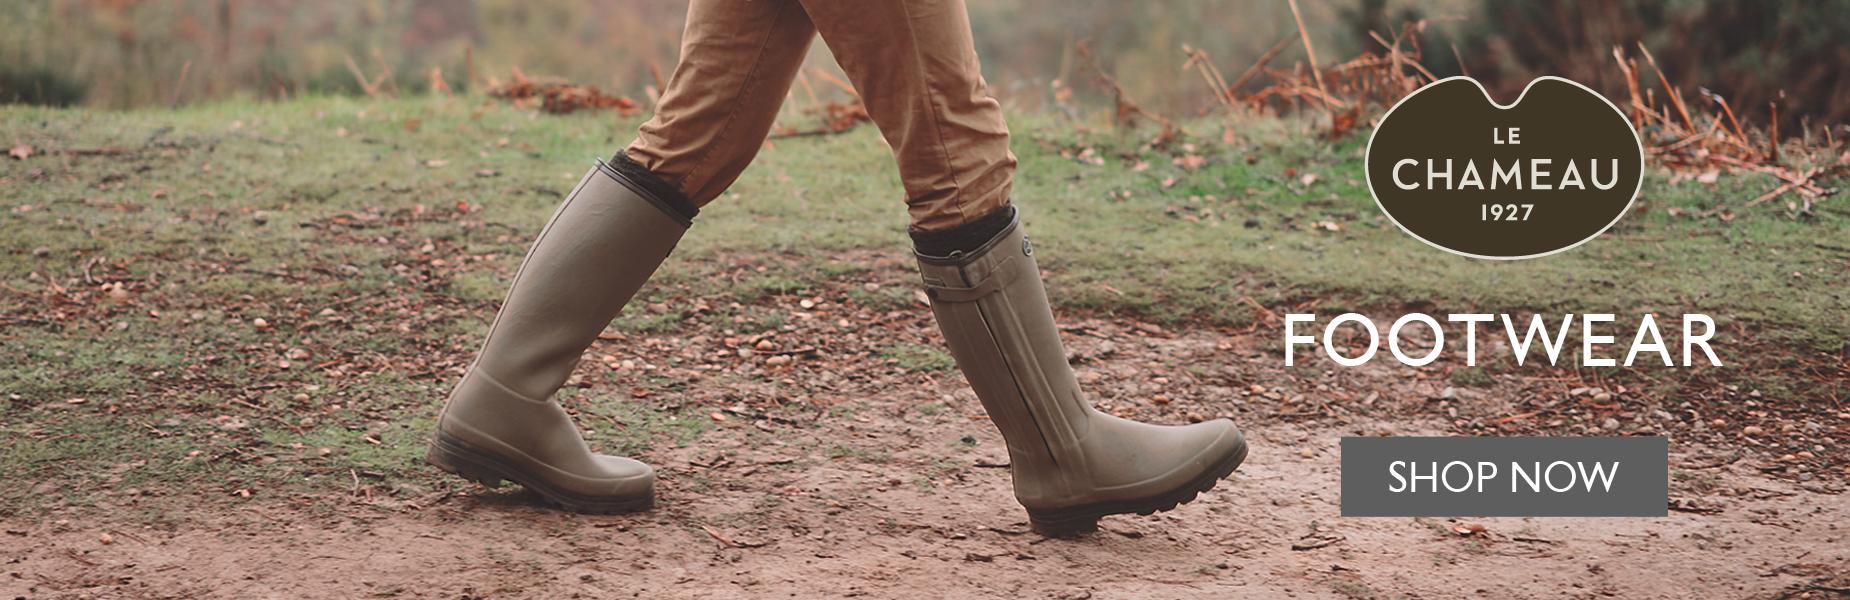 Le Chameau Footwear | Shop Now